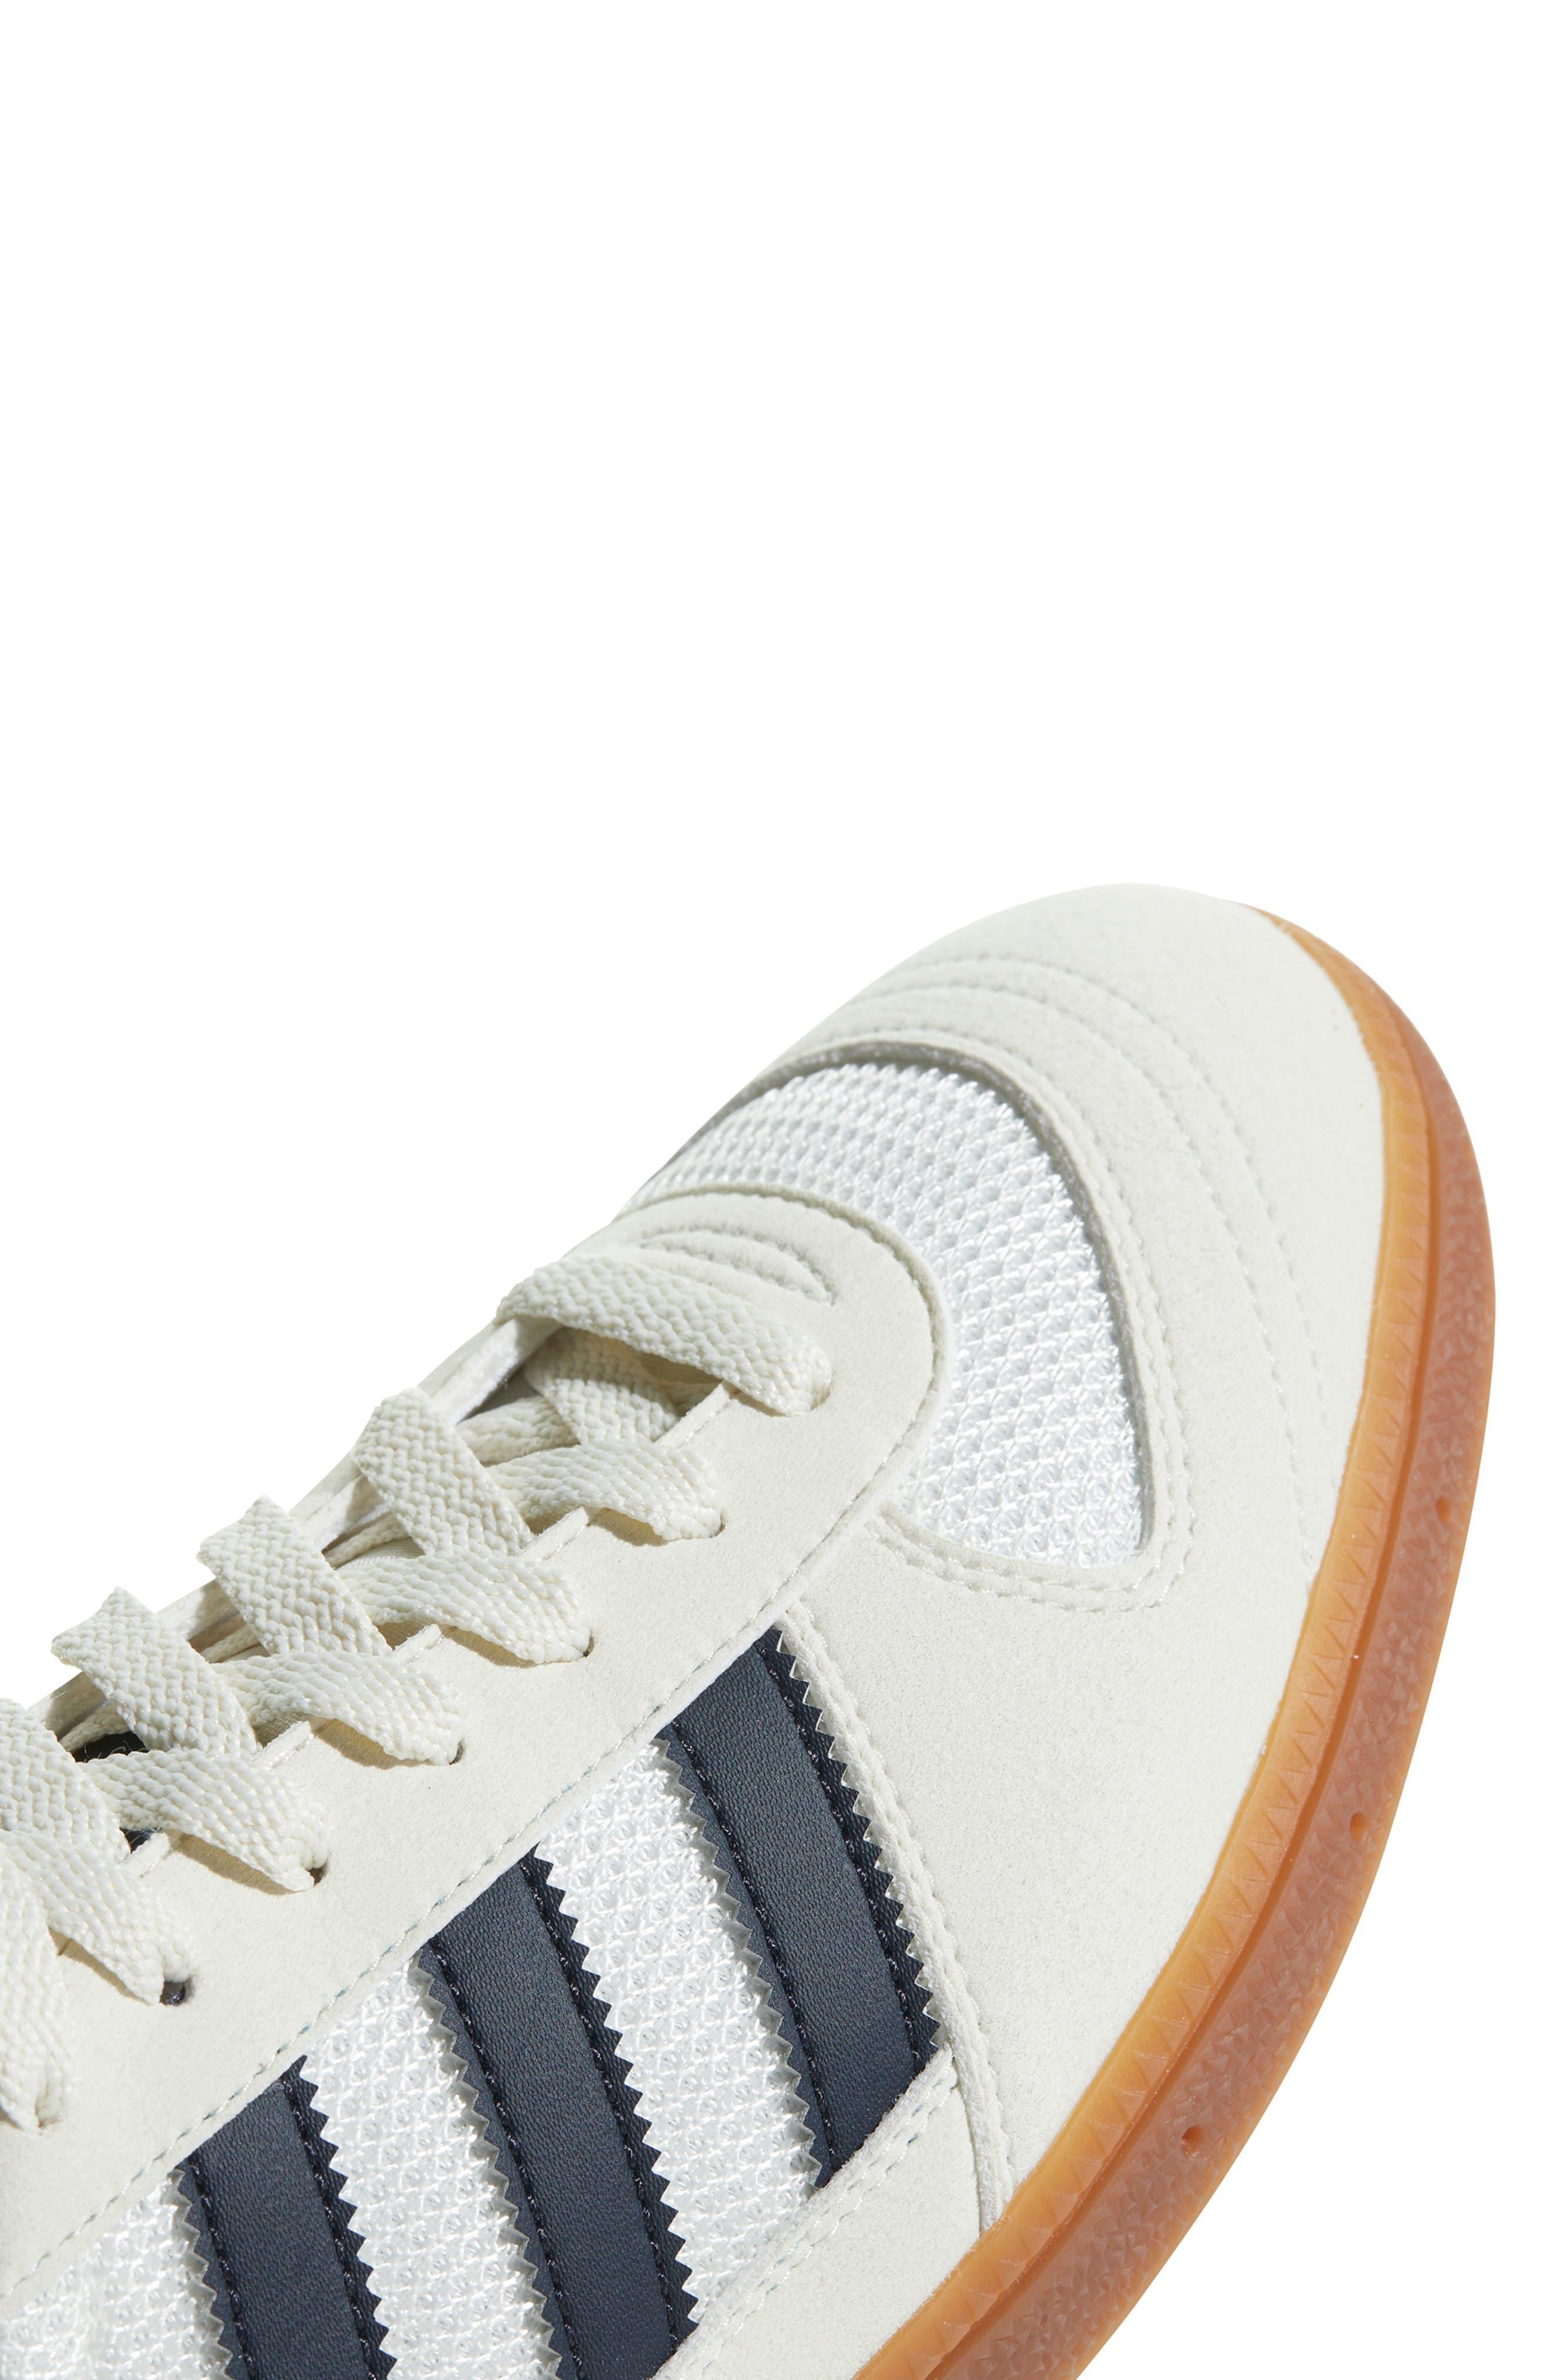 Wilsy SPZL Sneaker,                             Alternate thumbnail 5, color,                             OFF WHITE/ NIGHT NAVY